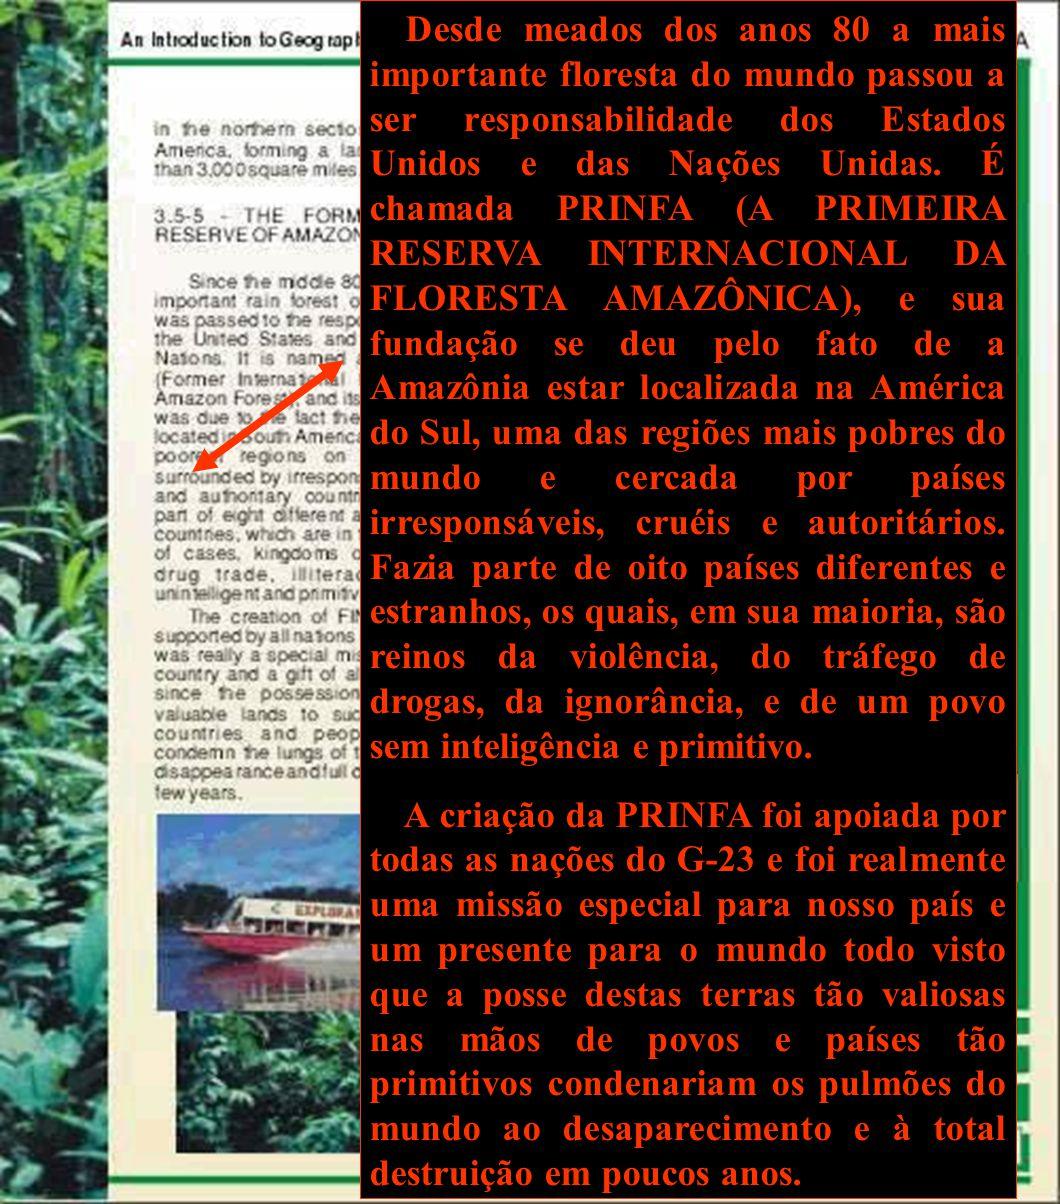 Desde meados dos anos 80 a mais importante floresta do mundo passou a ser responsabilidade dos Estados Unidos e das Nações Unidas. É chamada PRINFA (A